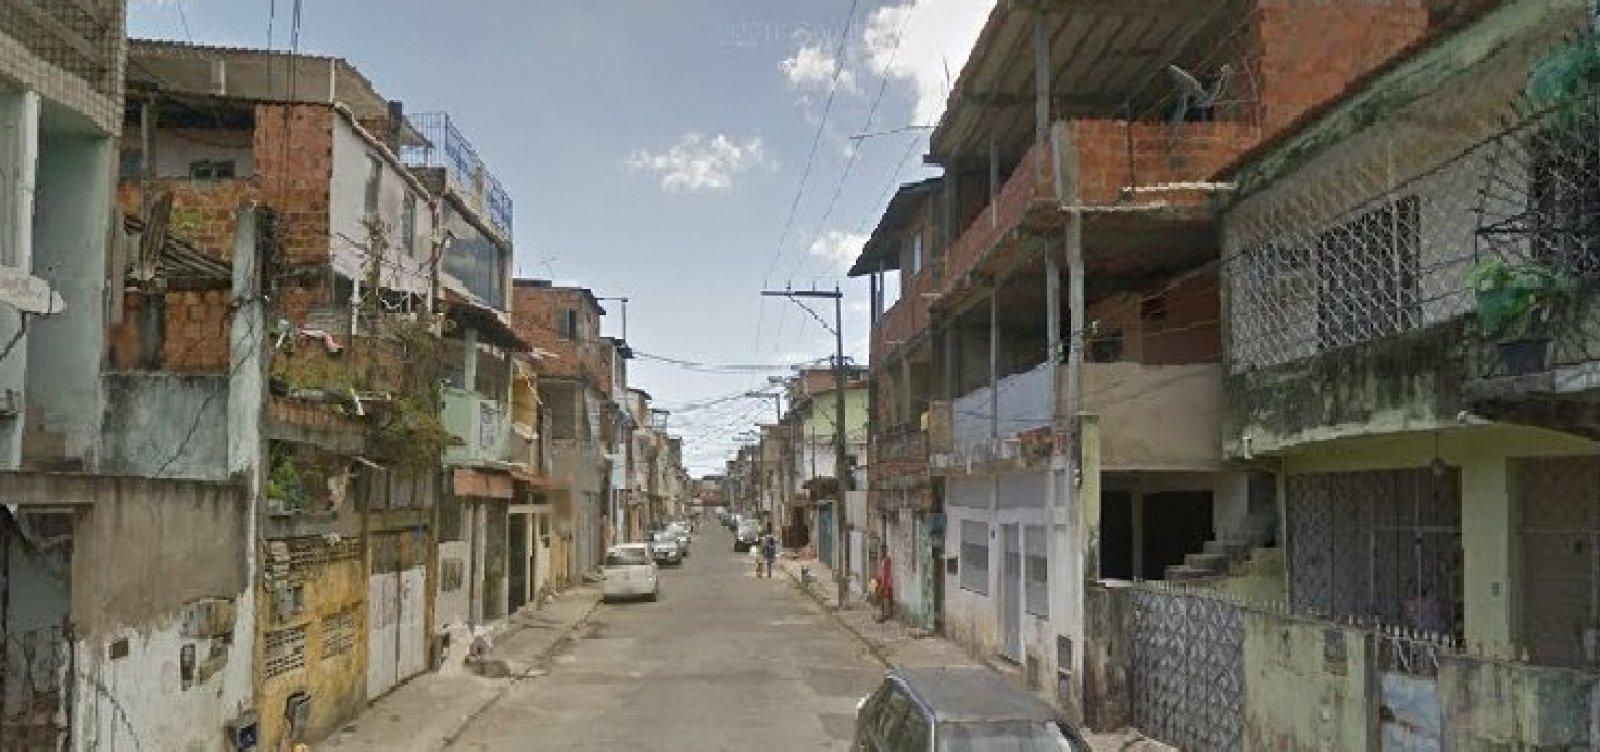 Início de incêndio assusta moradores no Uruguai